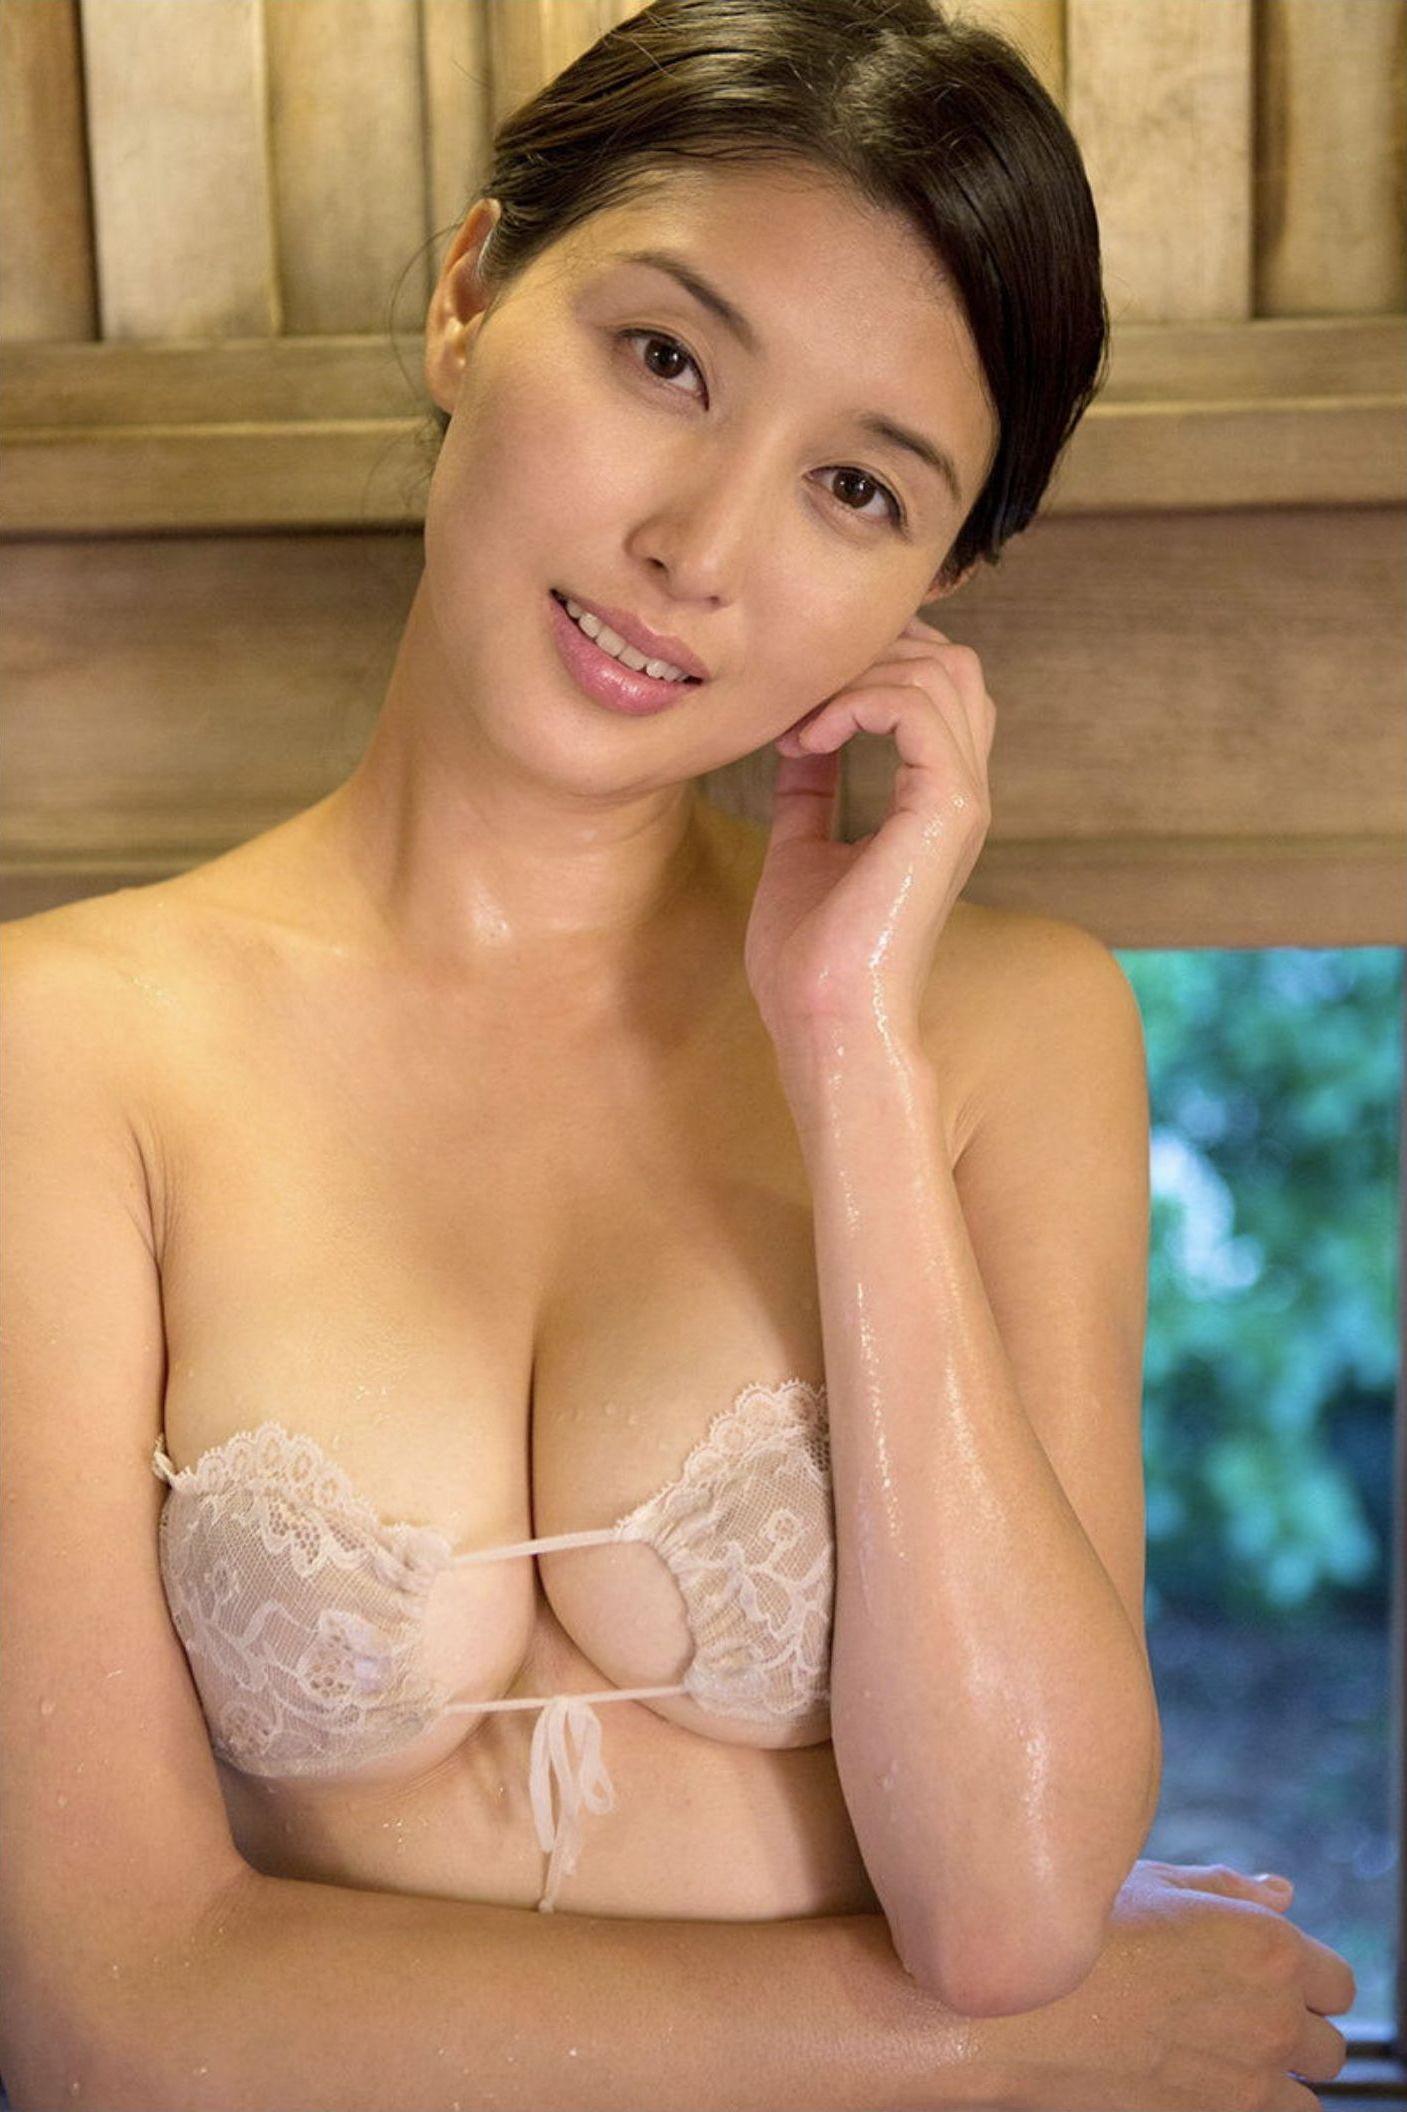 『愛の記憶』橋本マナミ デジタル写真集 045